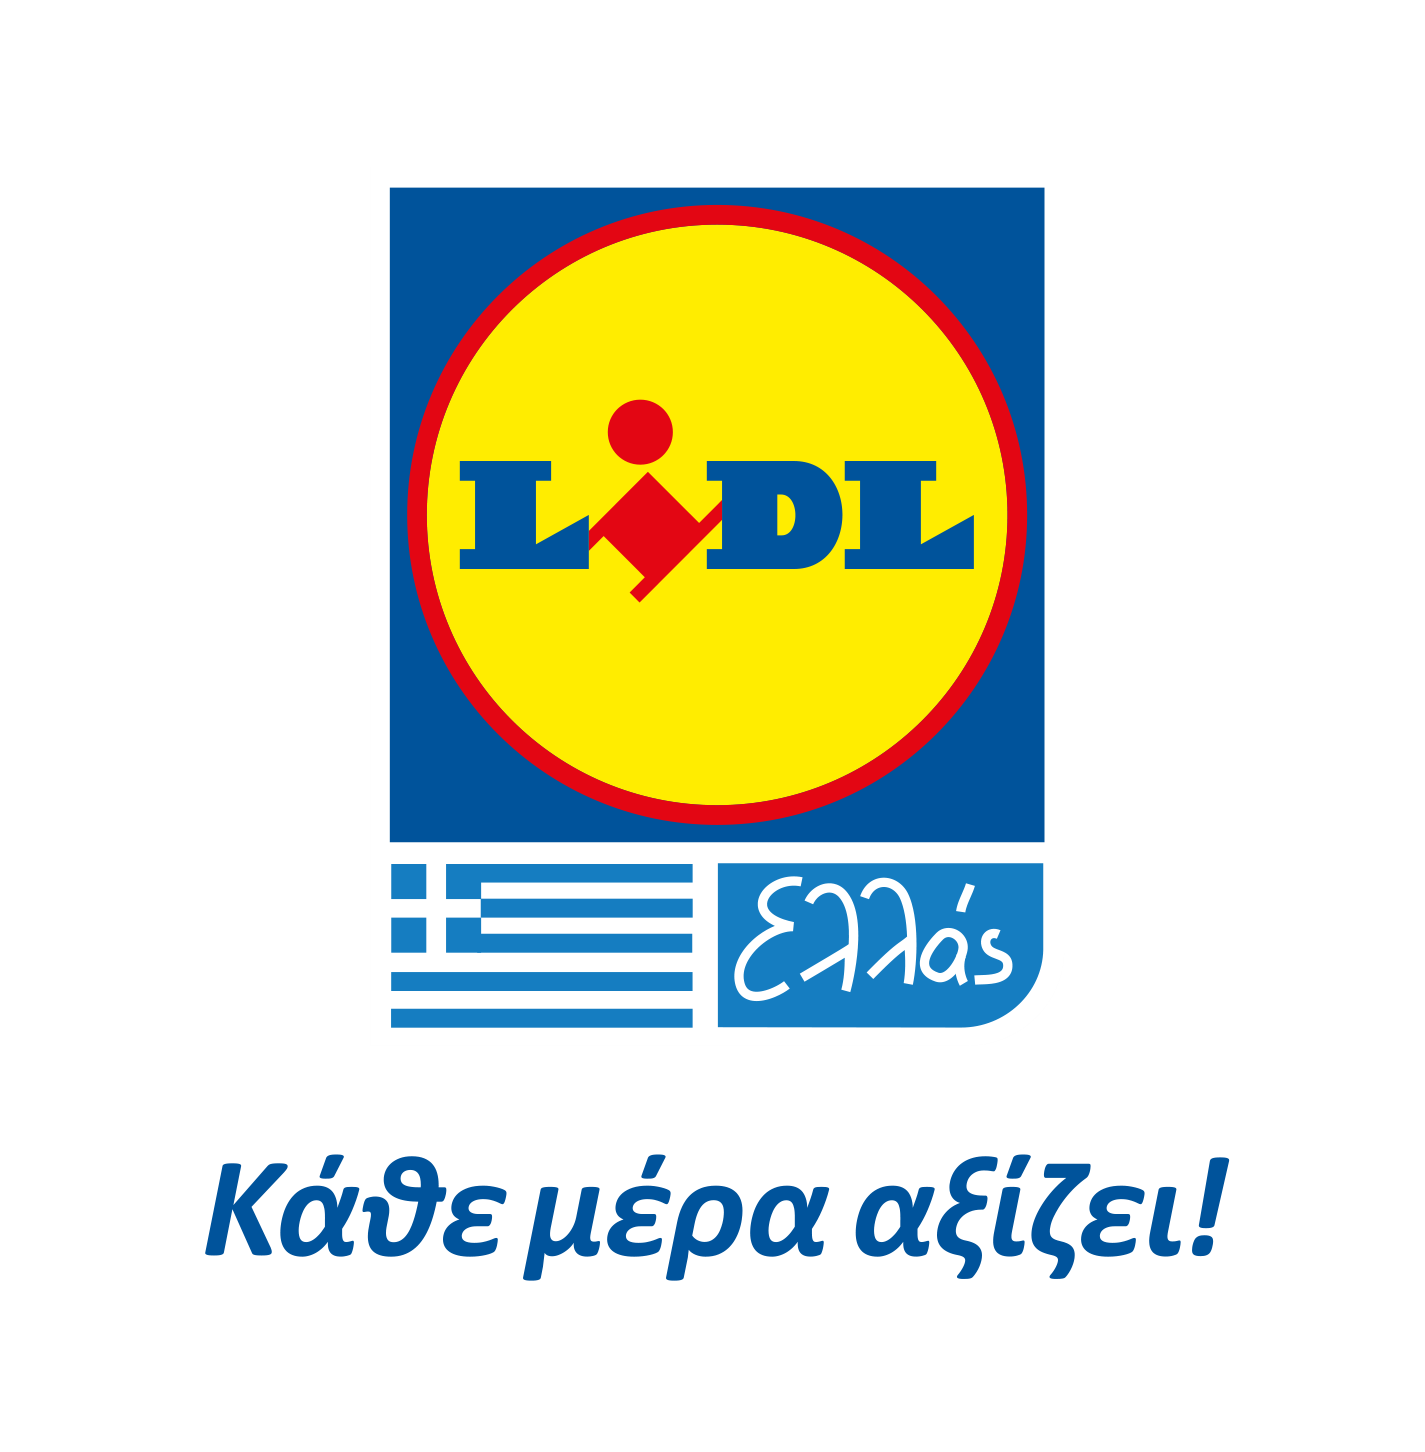 LOGO_LIDL.png